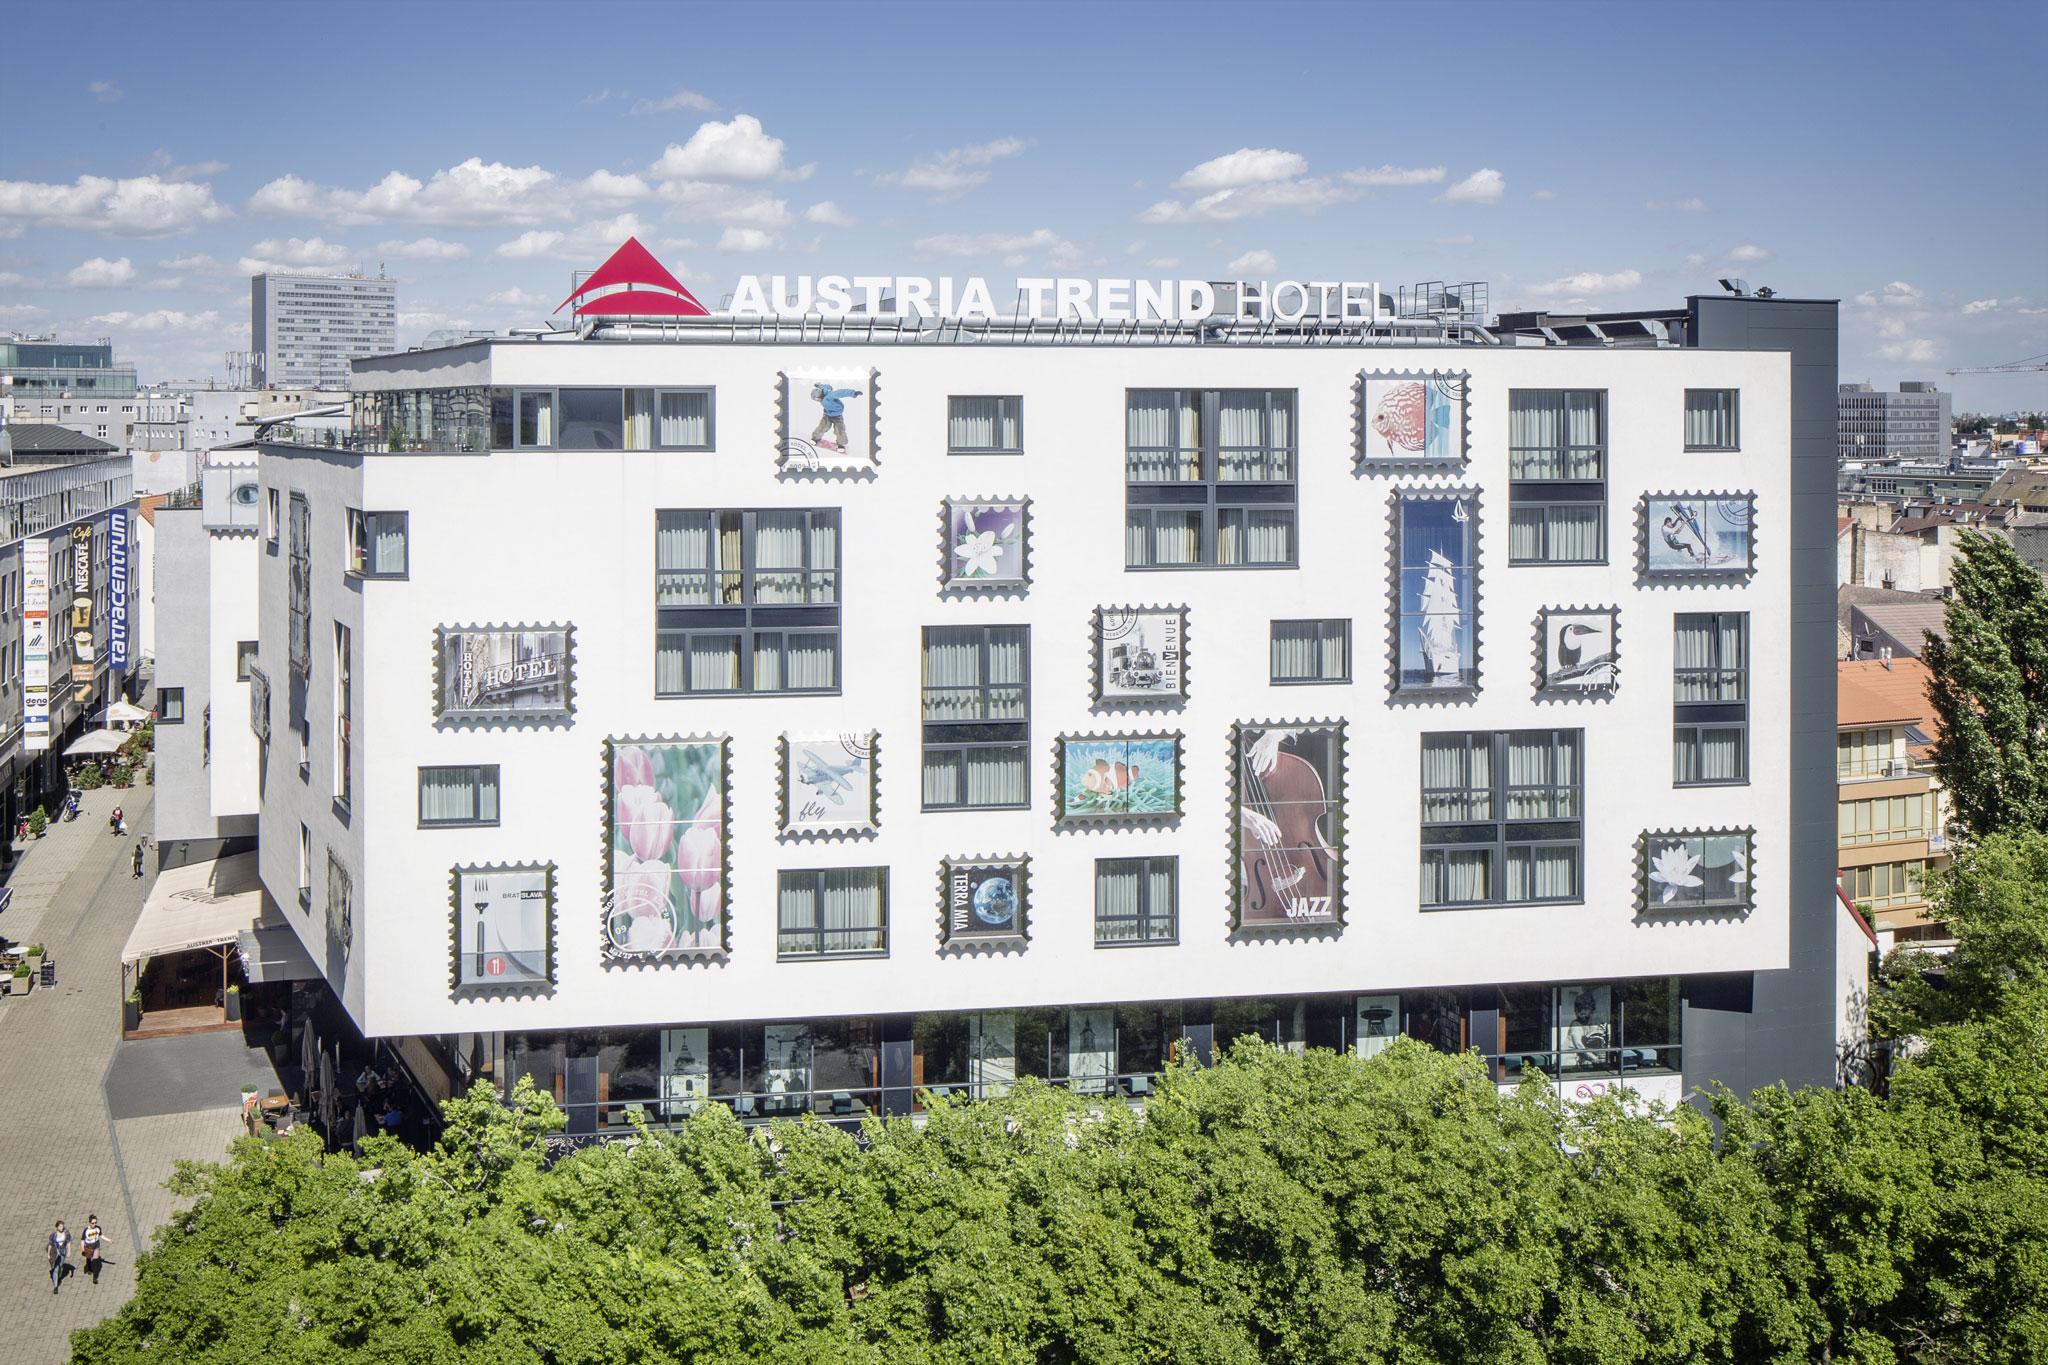 Hotel Bratislava | 4 star hotel in Bratislava - Slovakia | Austria